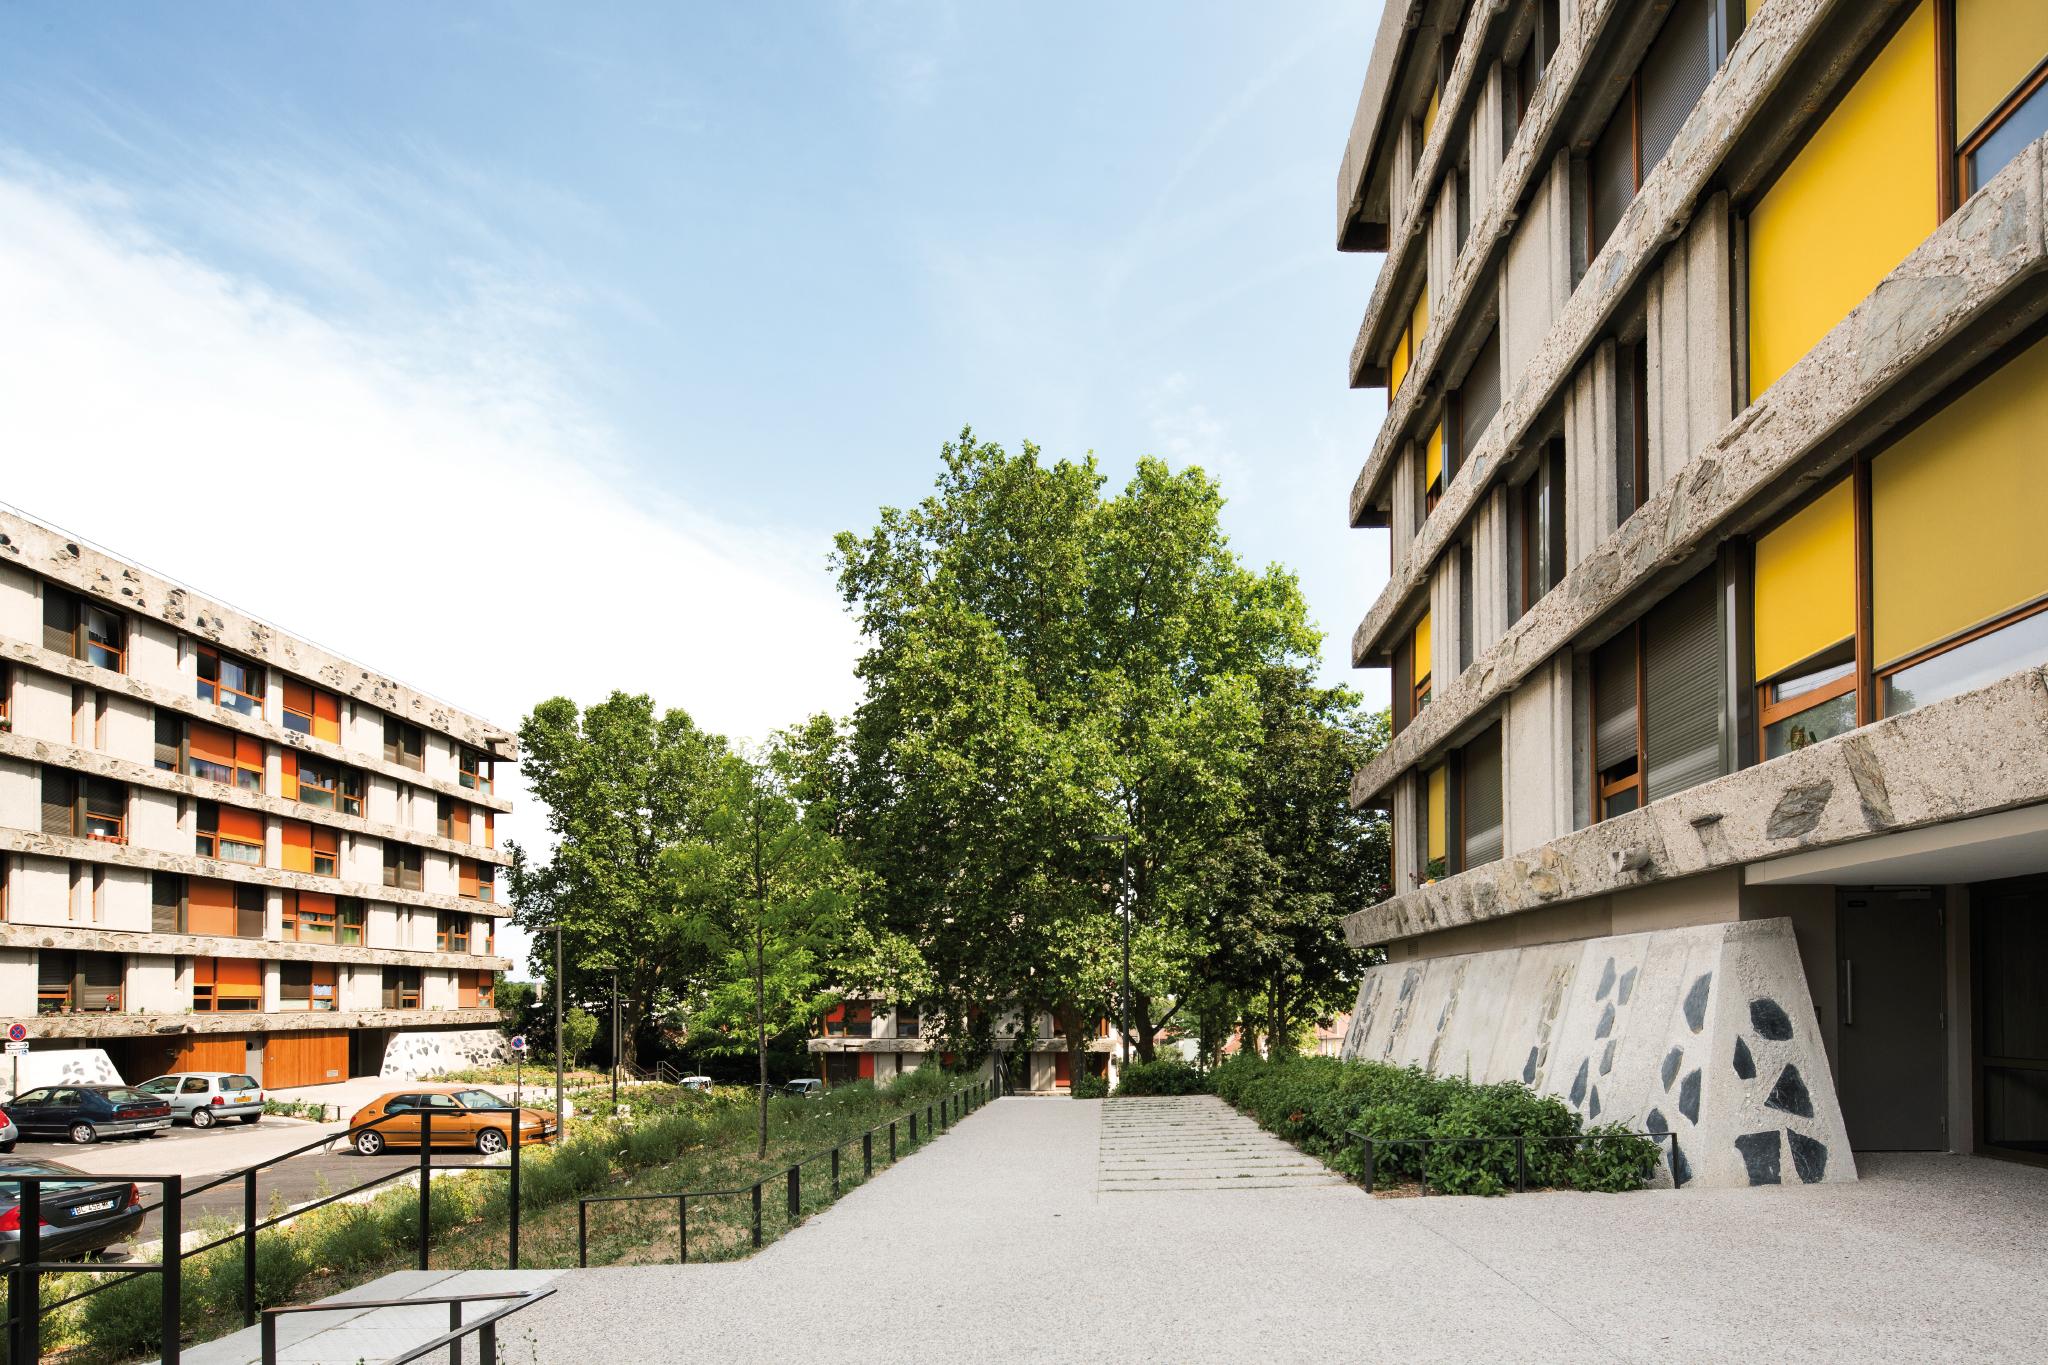 Un fleuron du brutalisme d'après-guerre retrouve sa superbe